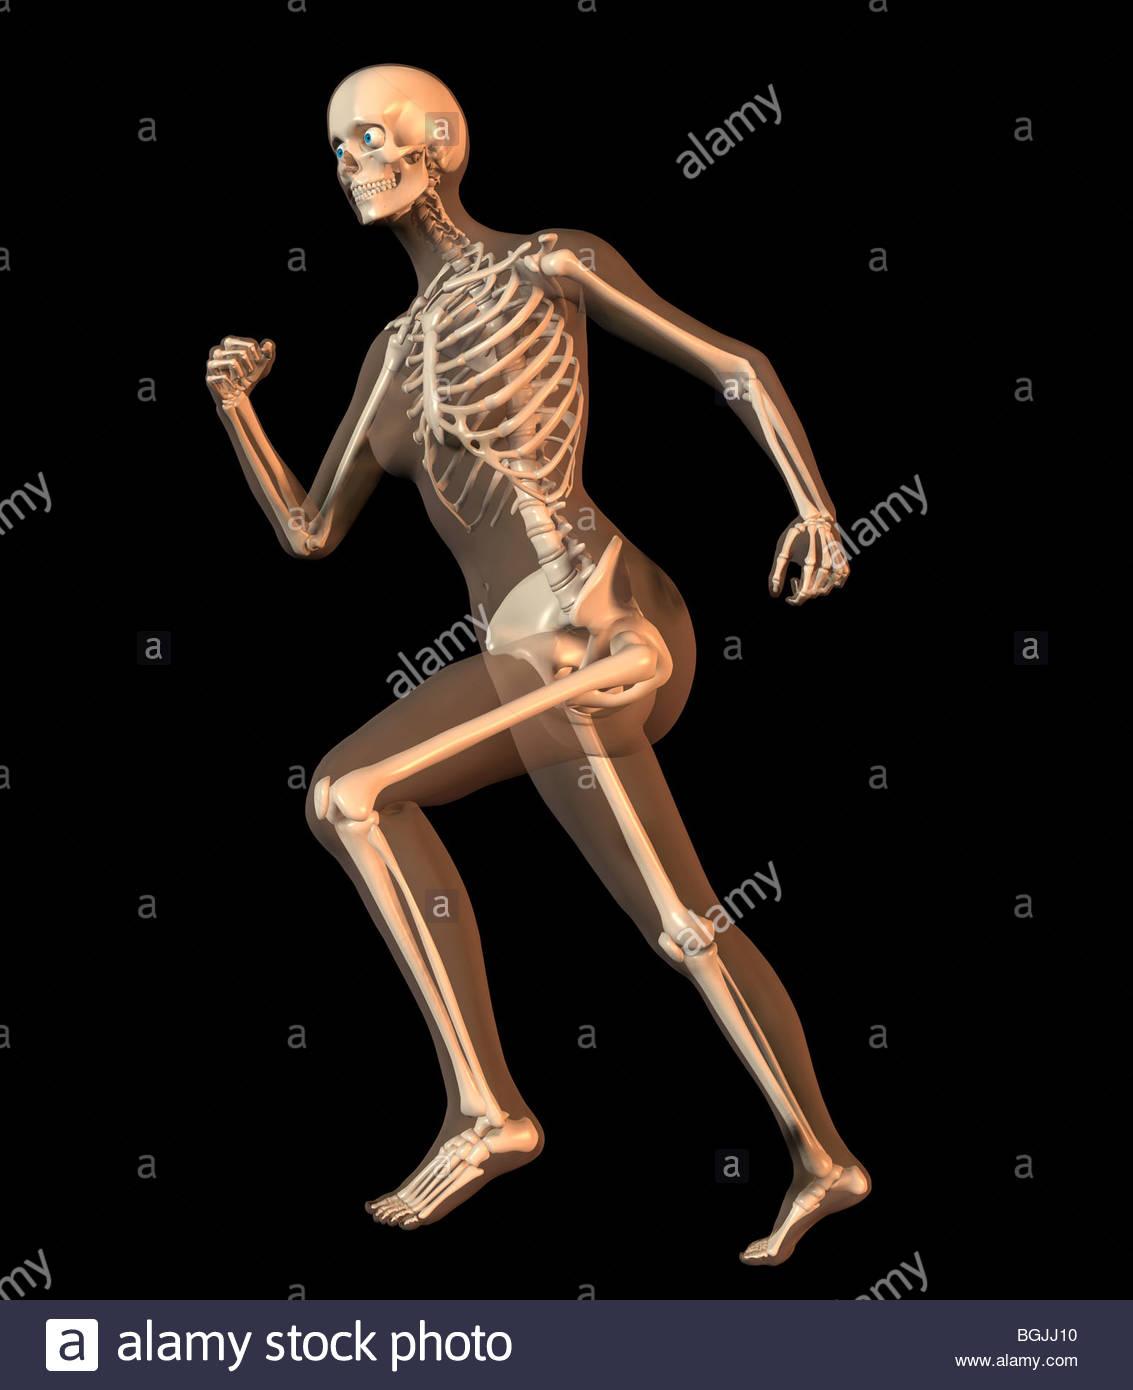 Skeleton Transparent Skin Imágenes De Stock & Skeleton Transparent ...